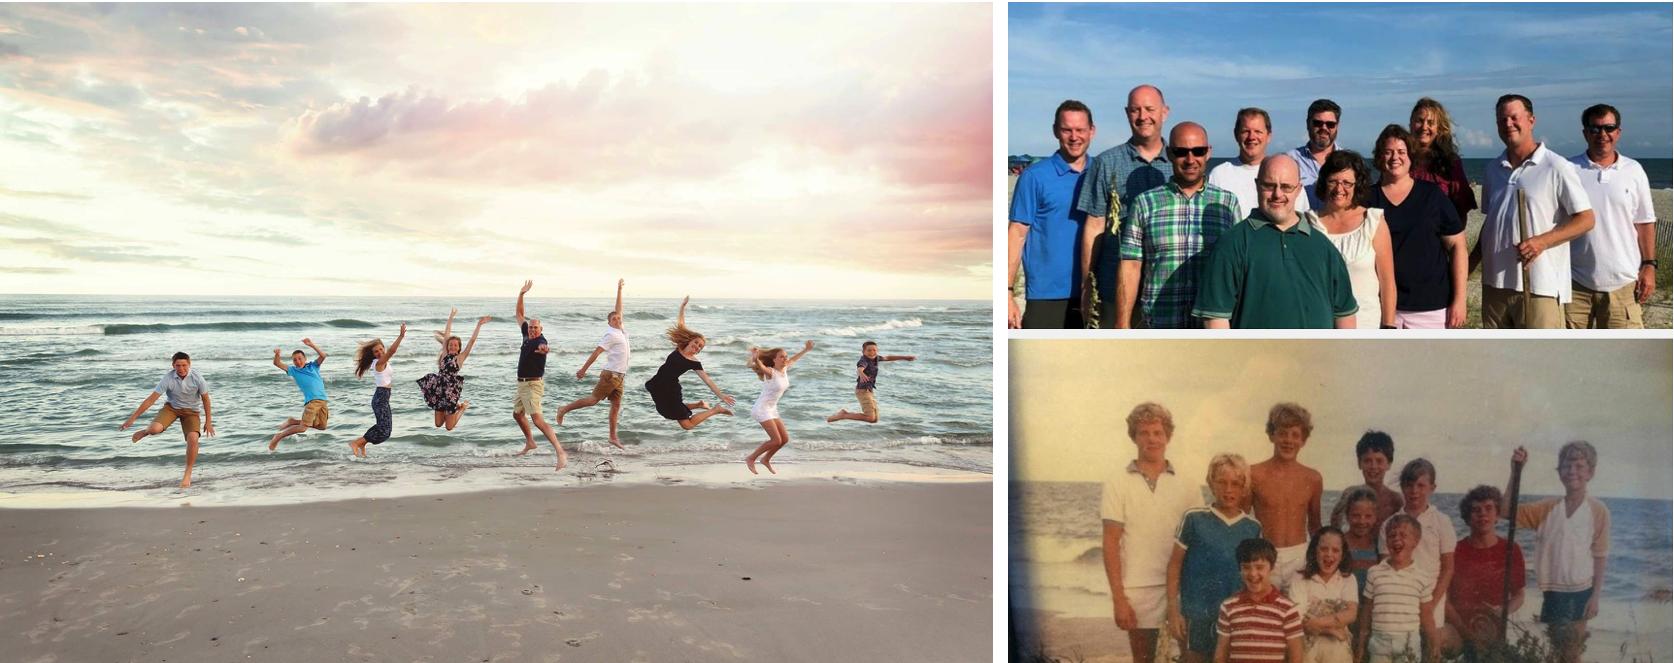 hobbs summer photo contest winners